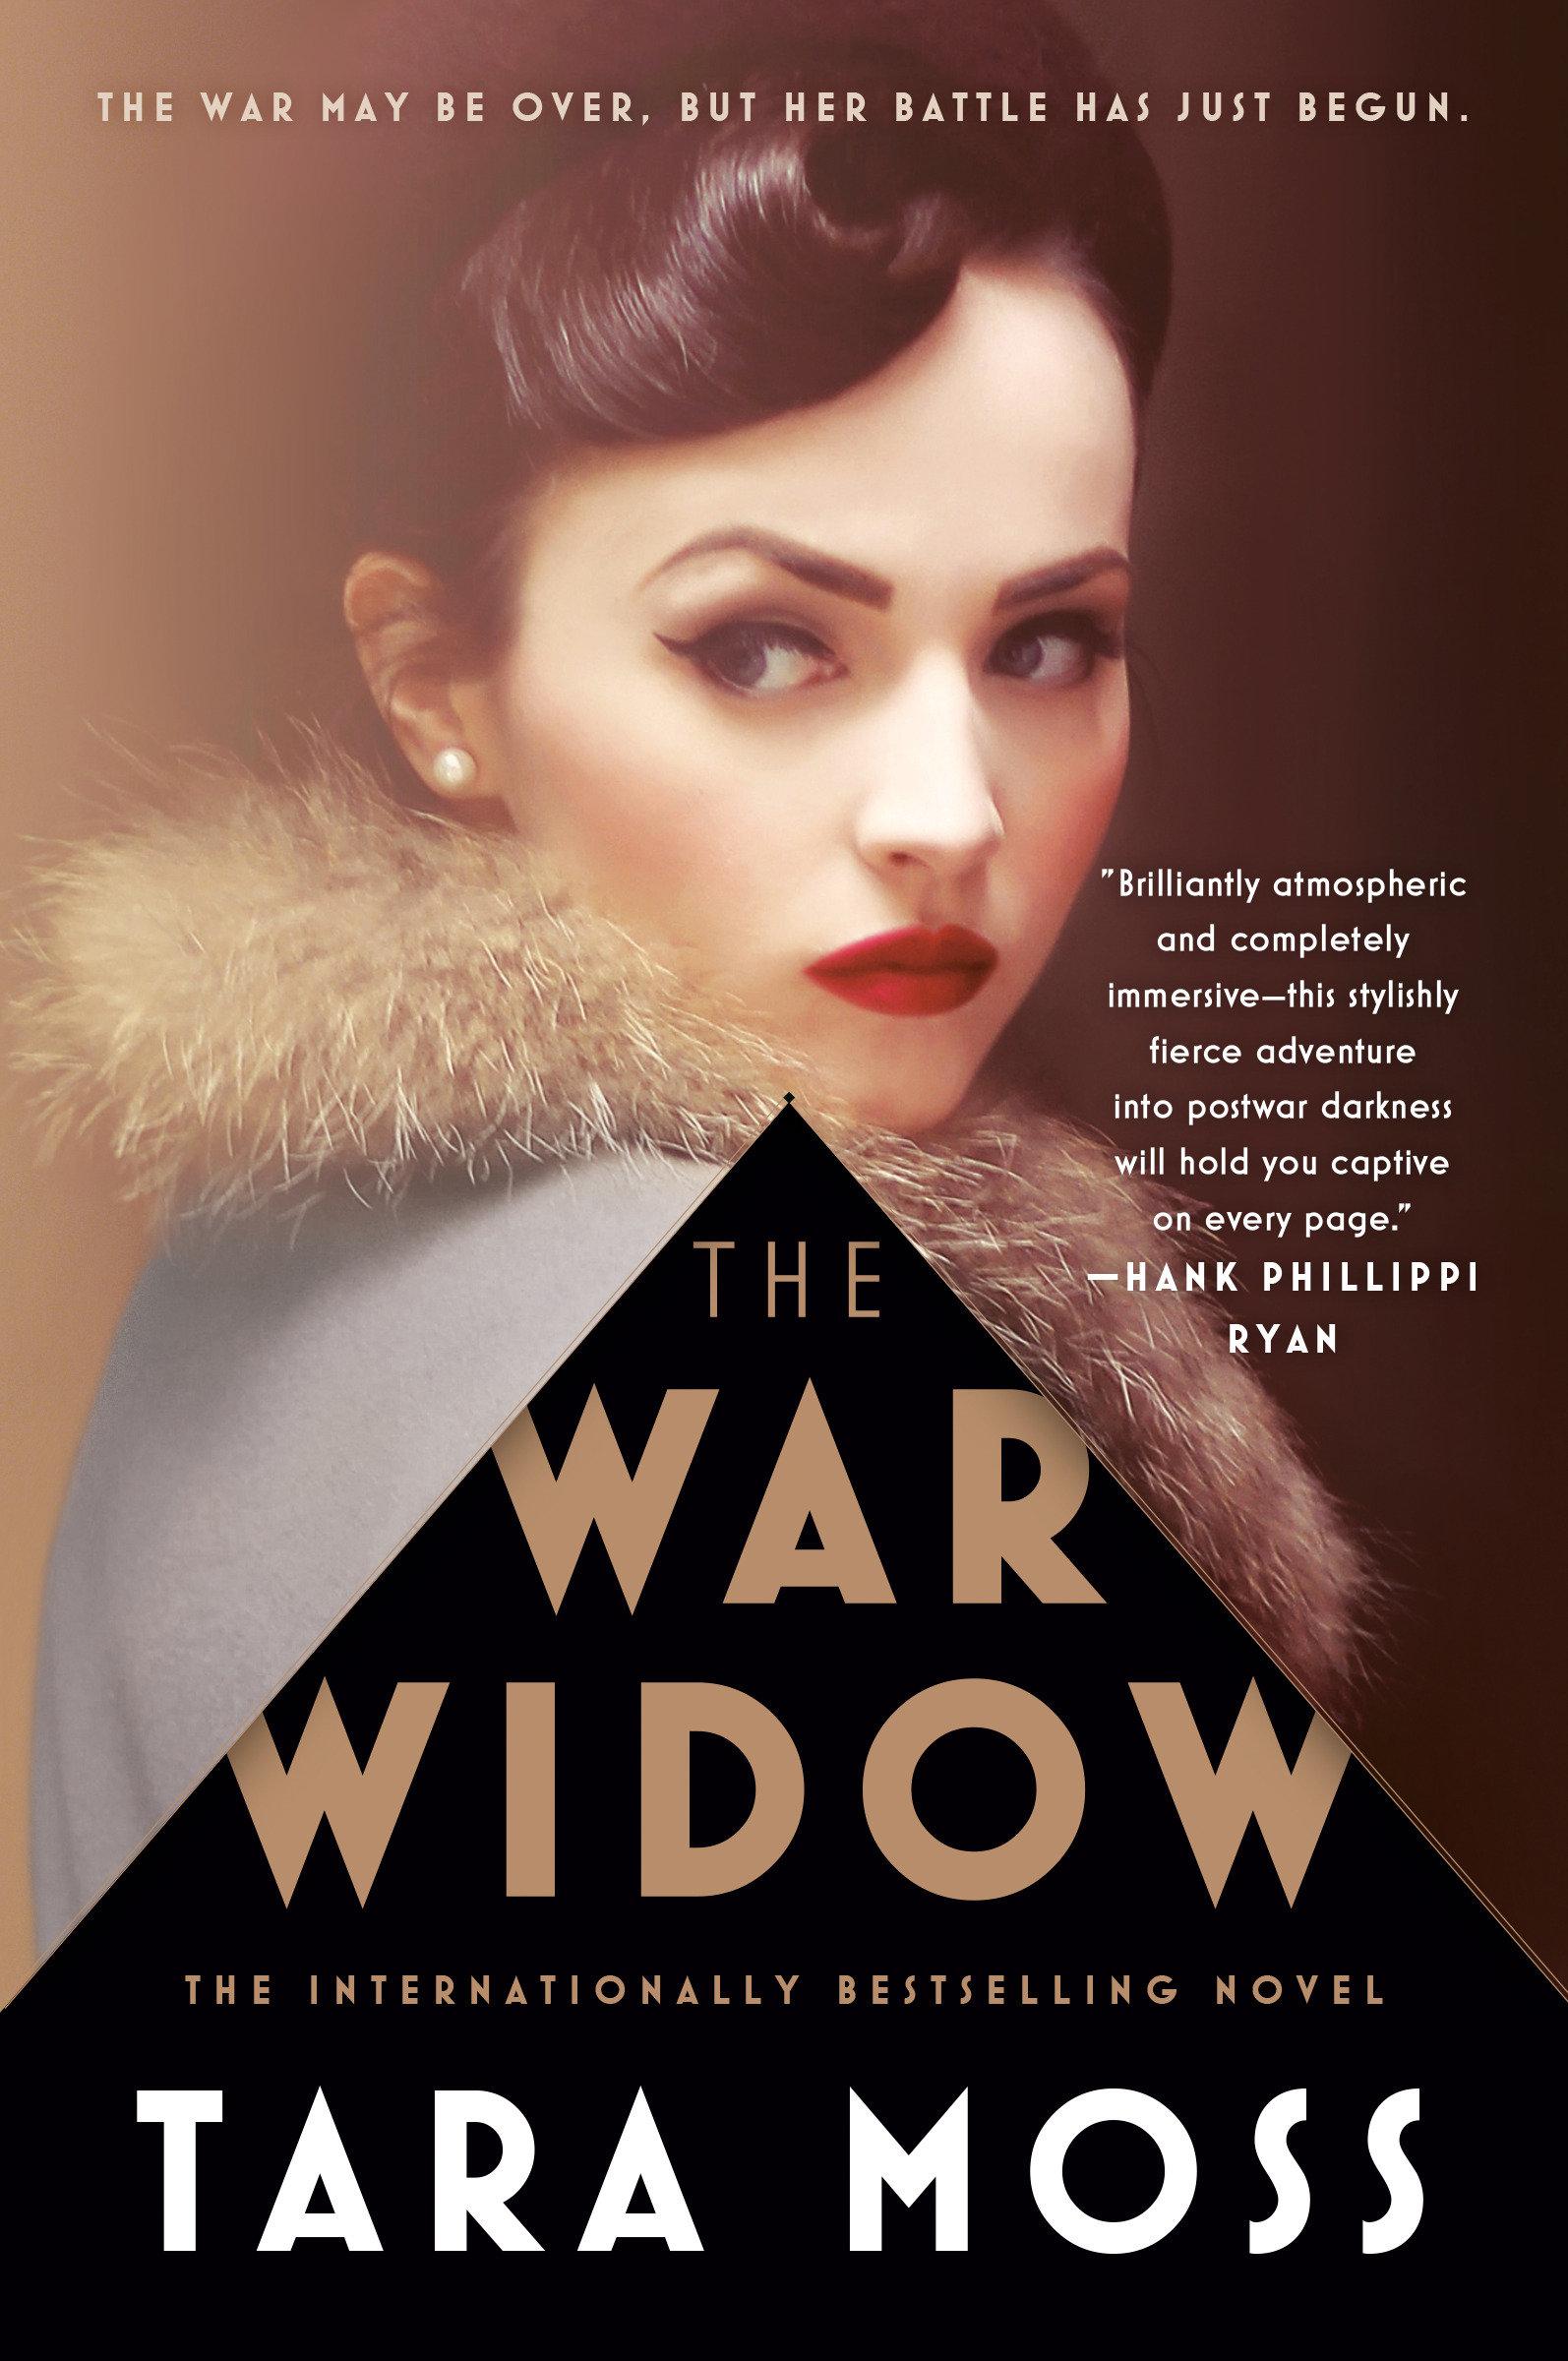 The War Widow by Tara Moss